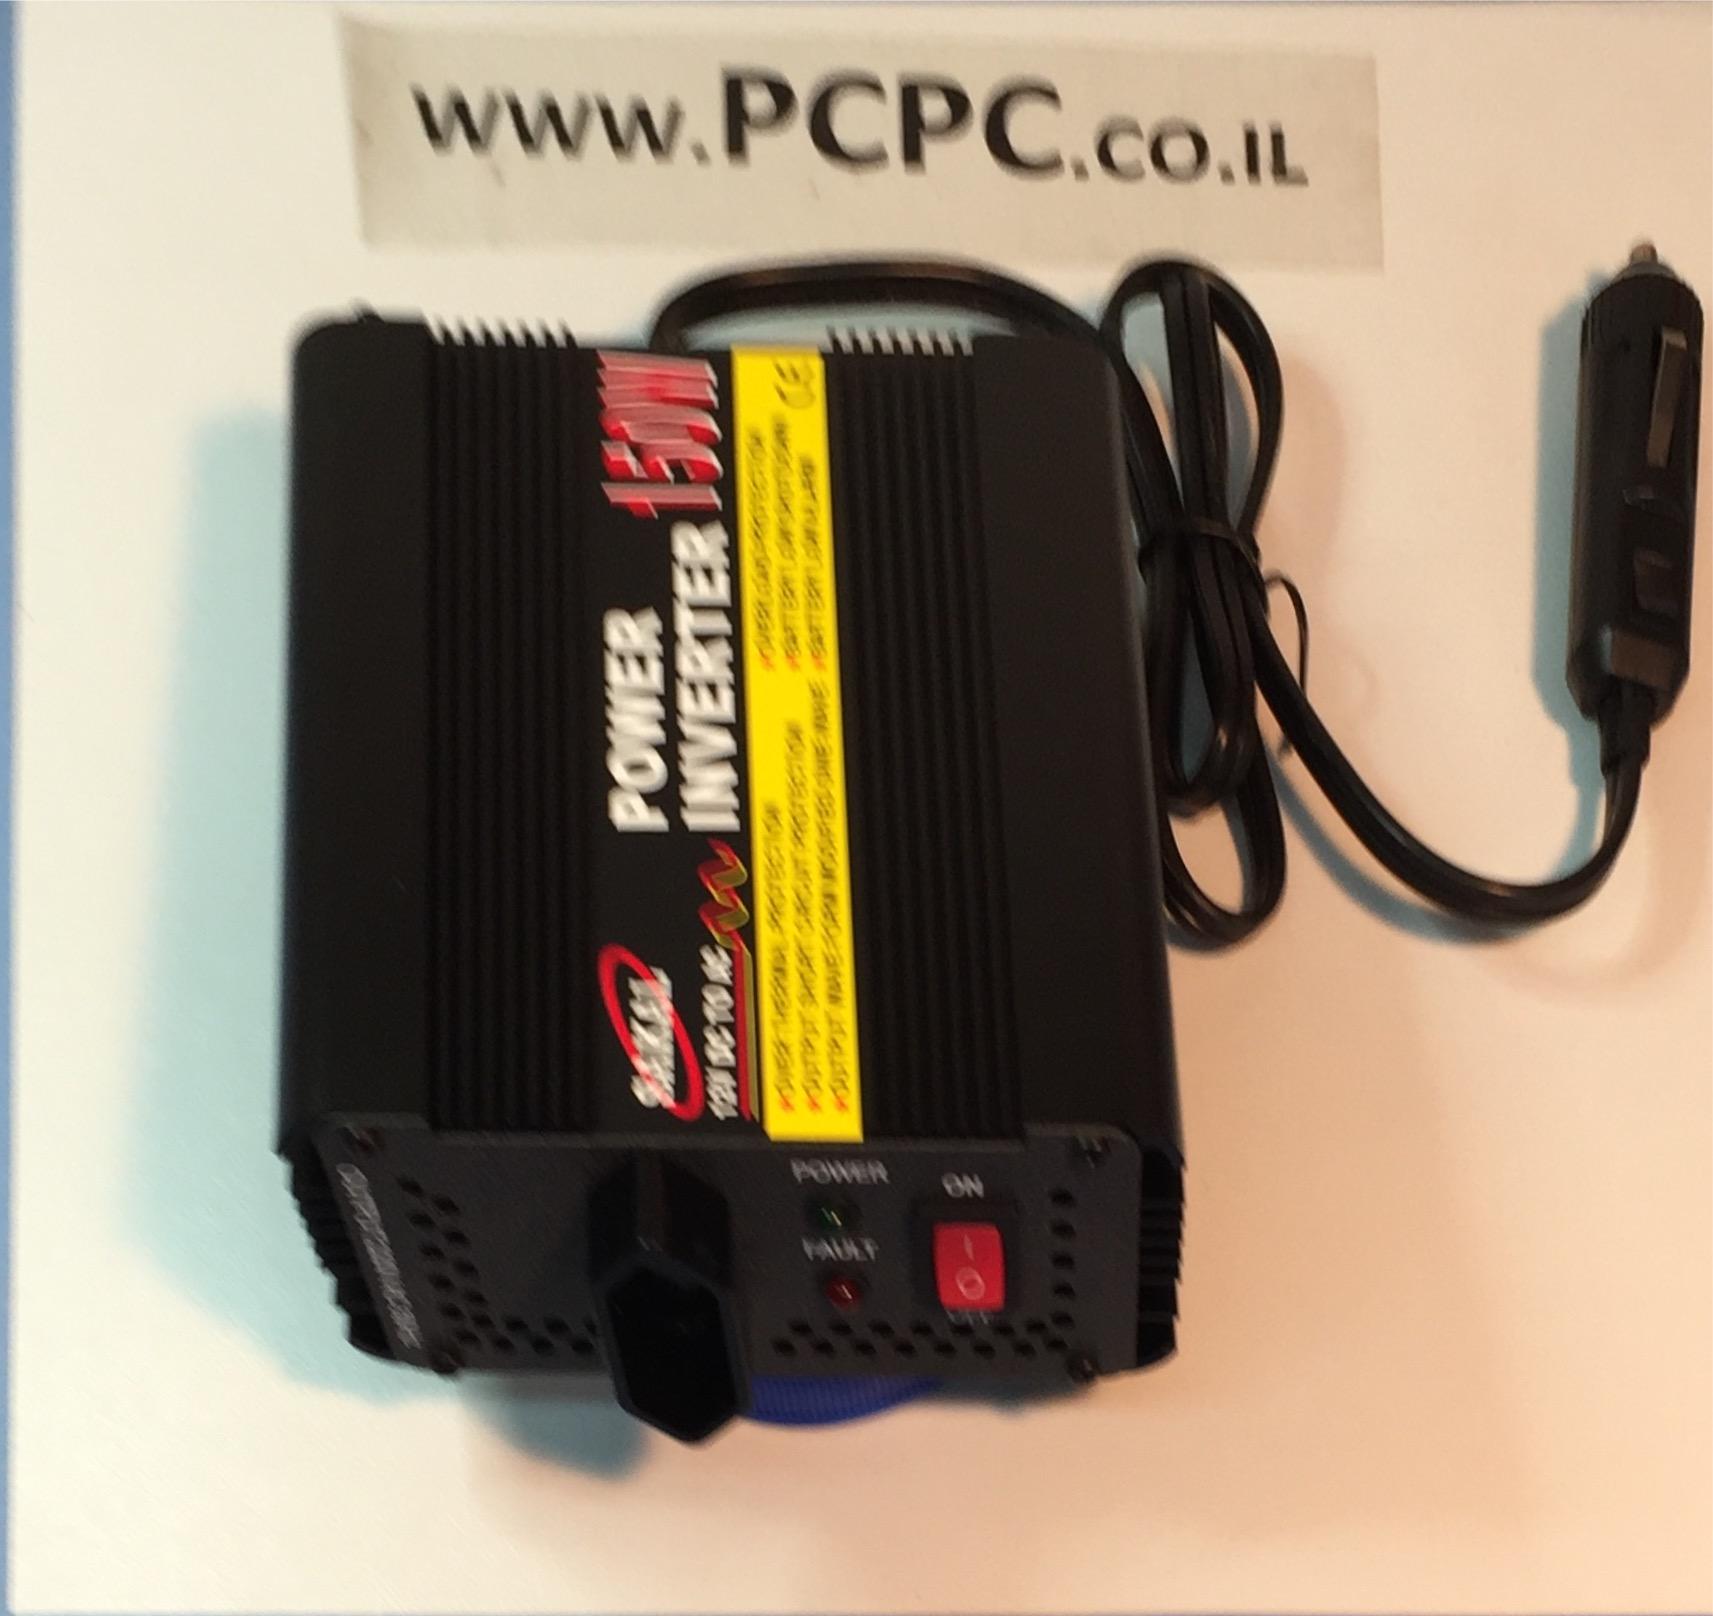 ממיר משקע מצת רכב  מ12v   לSAKAL 220V   150W